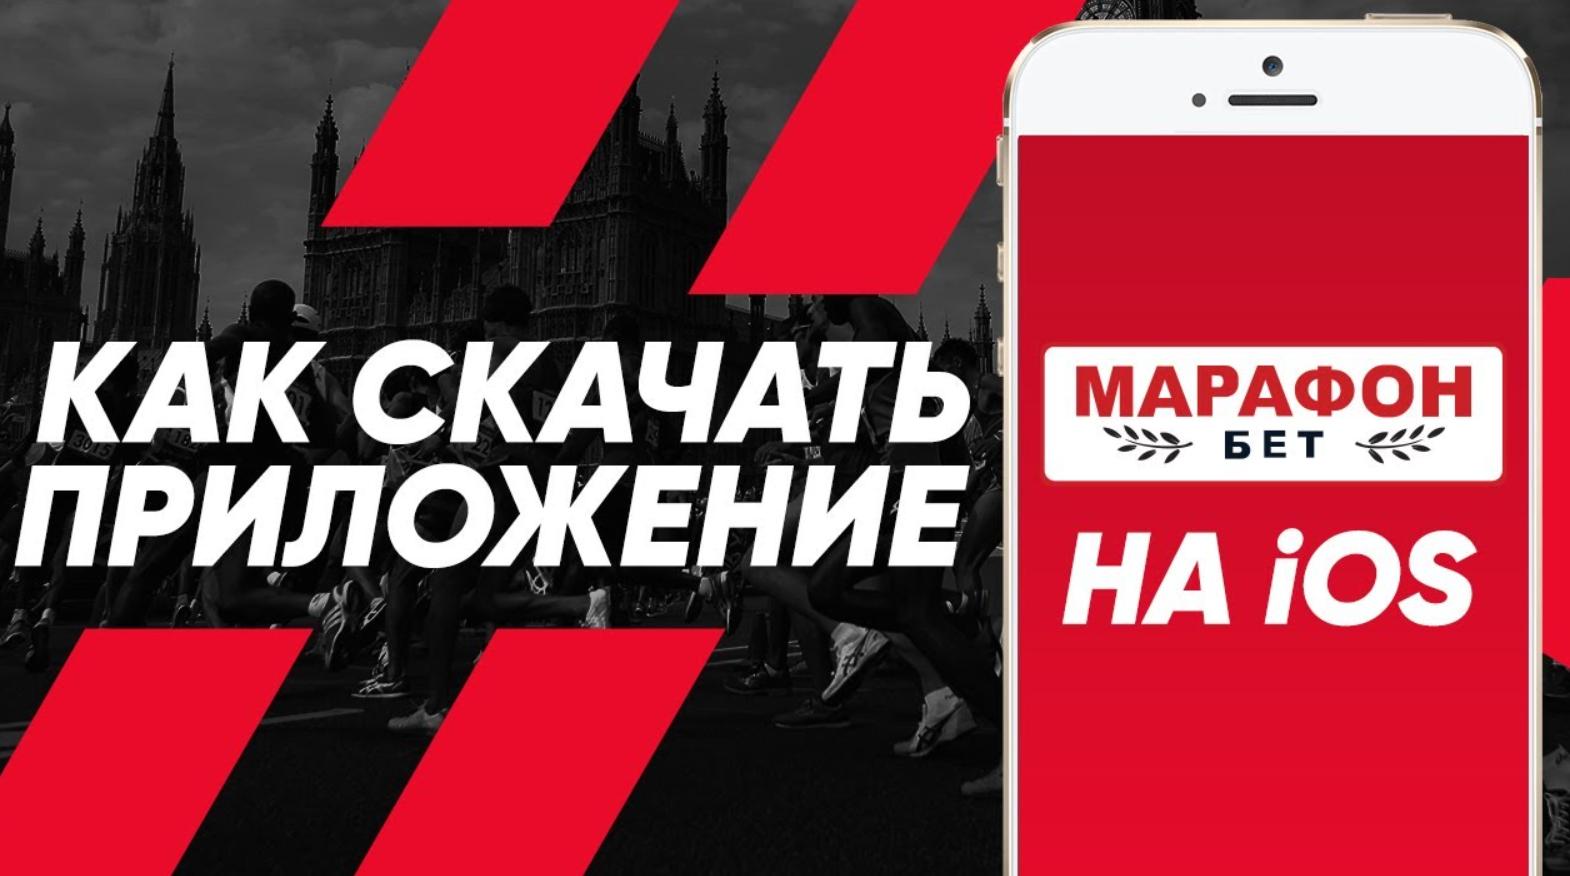 Функционал приложения БК Марафон